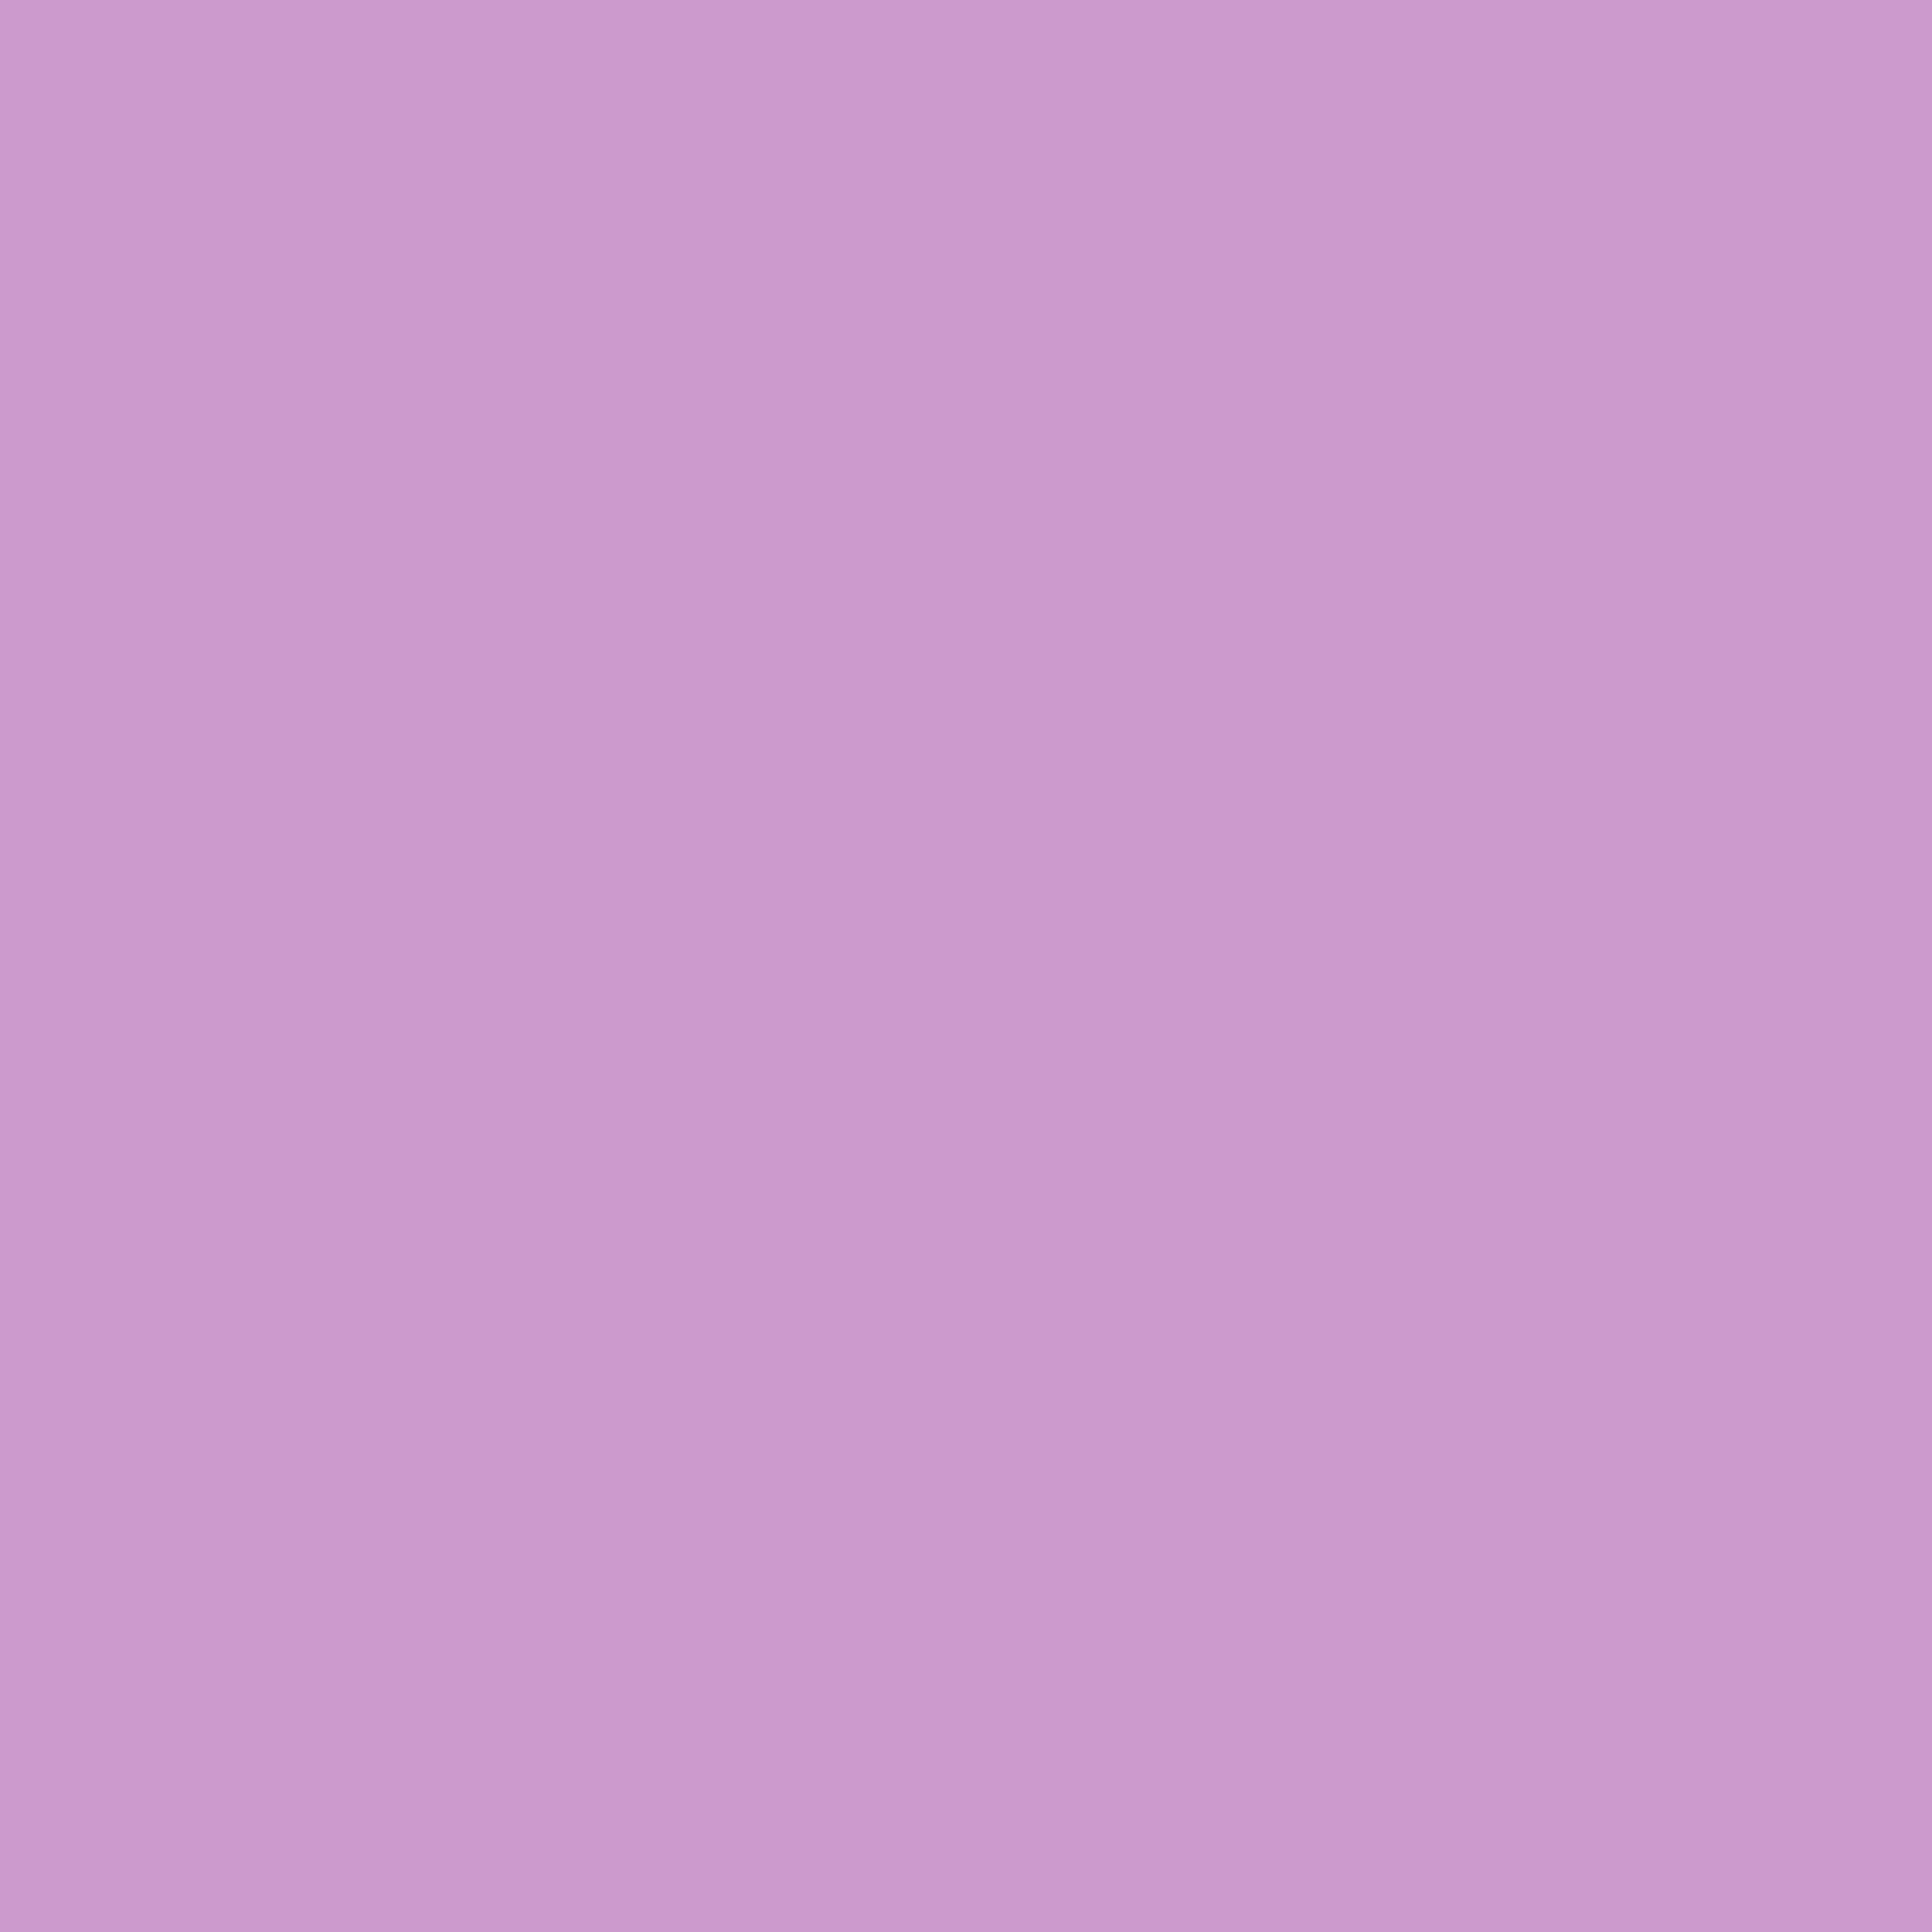 3600x3600 Pastel Violet Solid Color Background